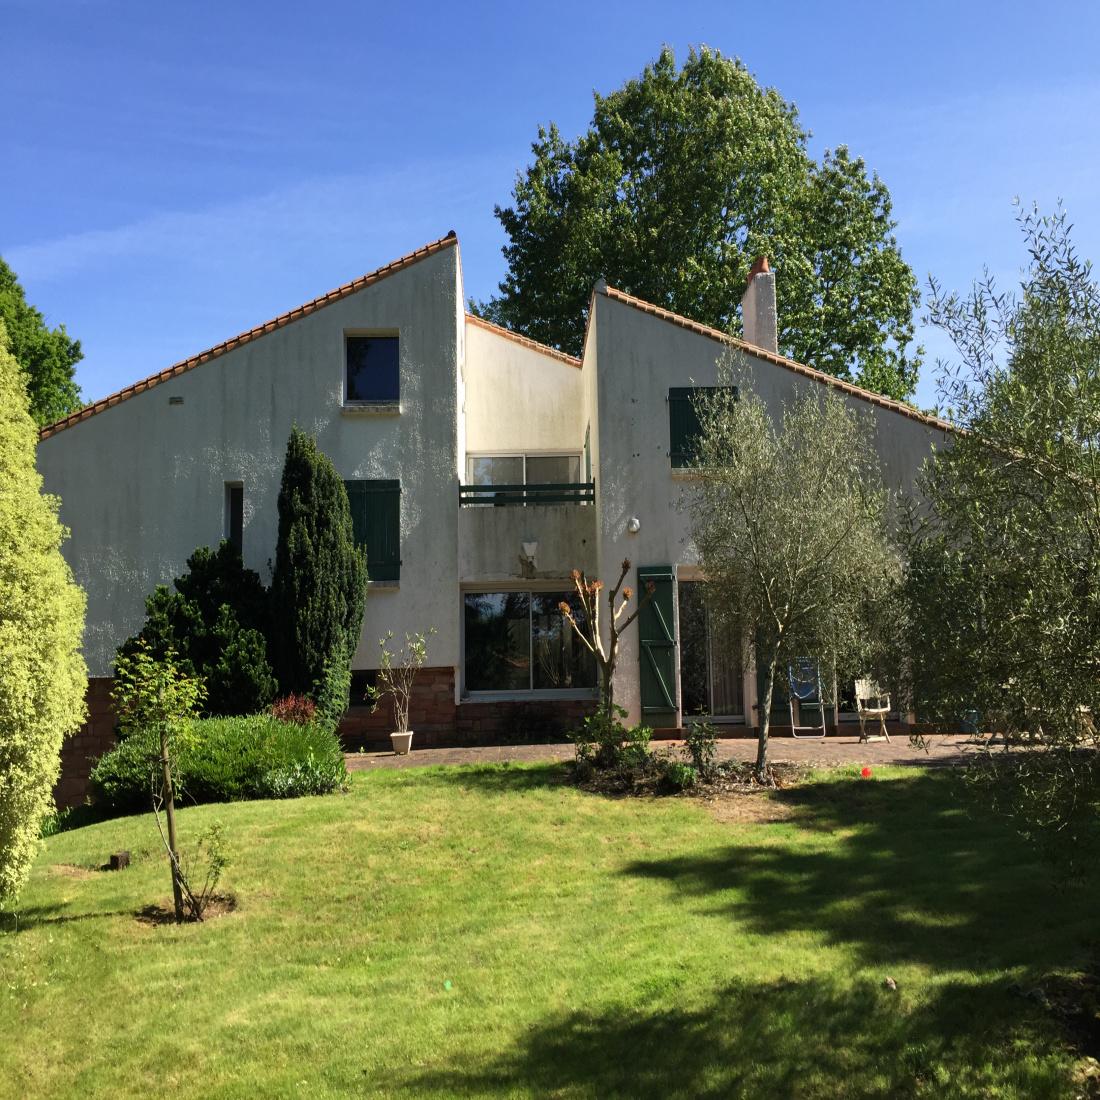 Vente Veritable Maison D Architecte 300 M2 Habitable Sur Terrain De 2133 M2